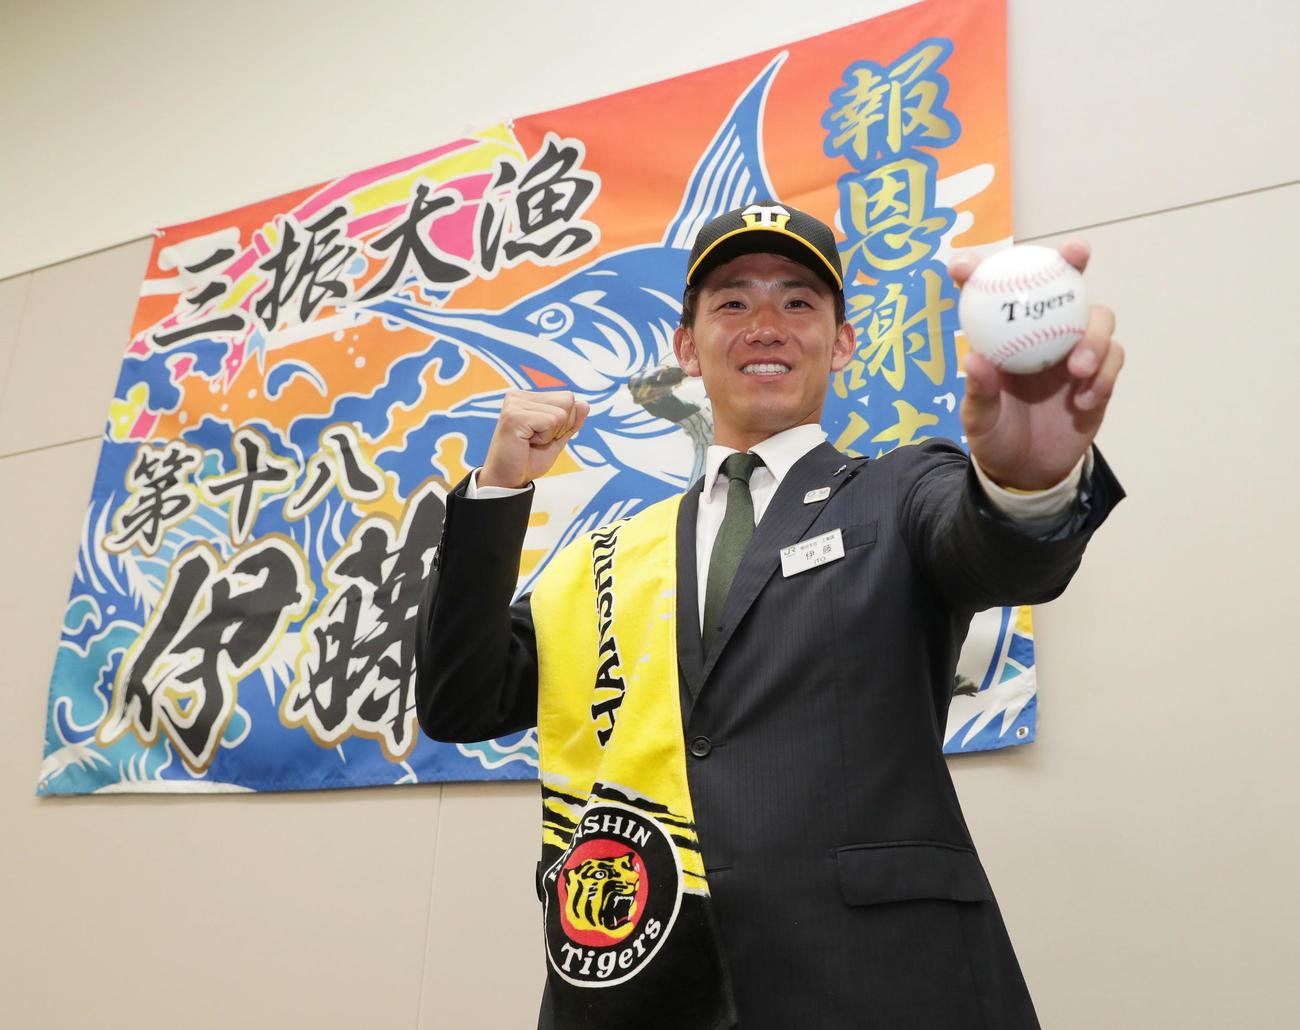 阪神から2位指名を受け、同僚から贈られた大漁旗の前で笑顔でポーズをとるJR東日本・伊藤(撮影・前田充)